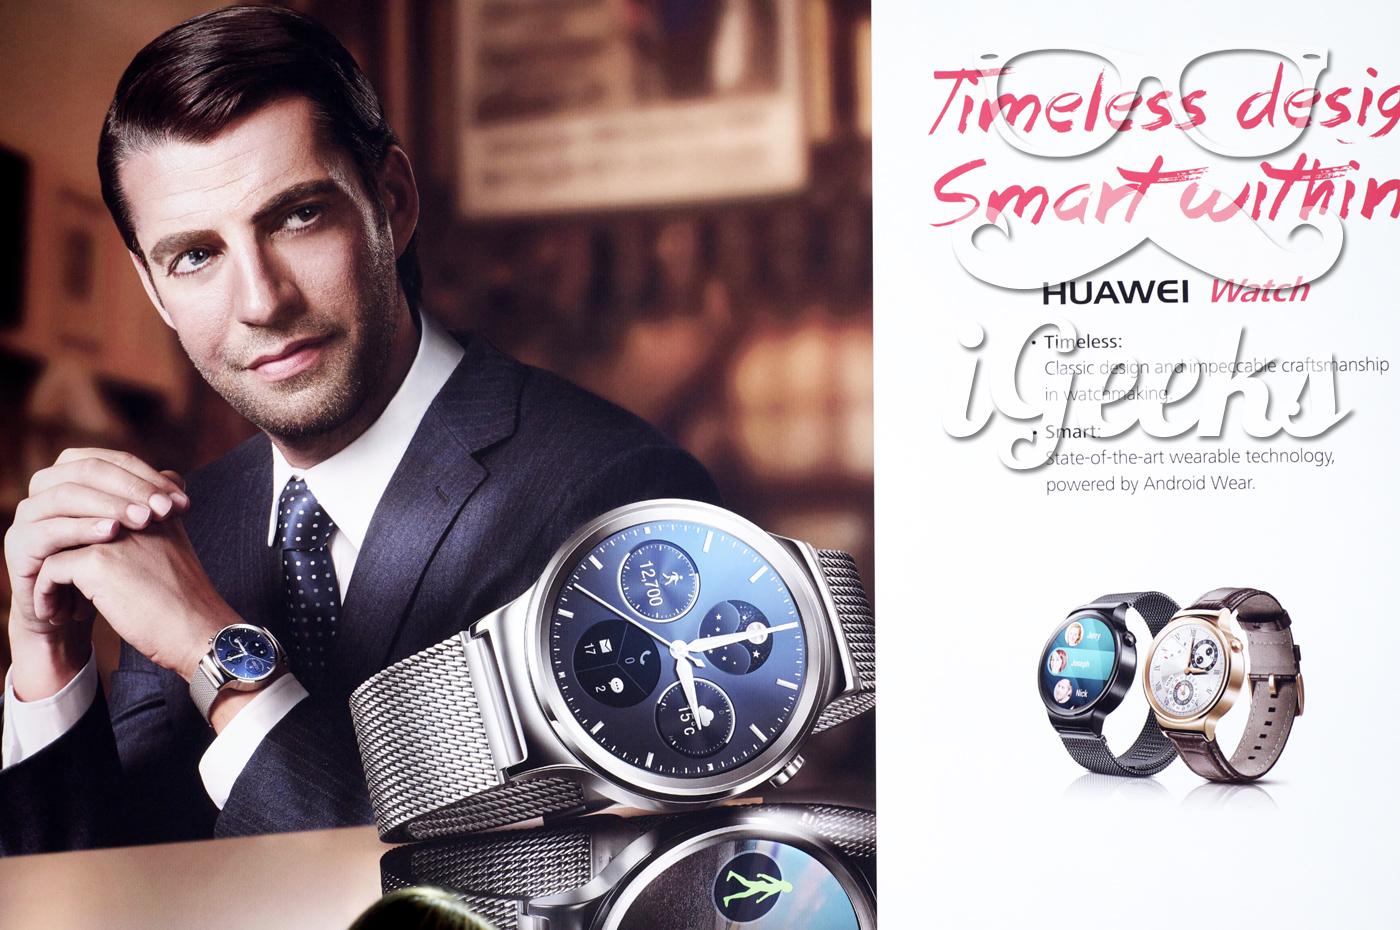 Huawei-Watch-MWC2015-10